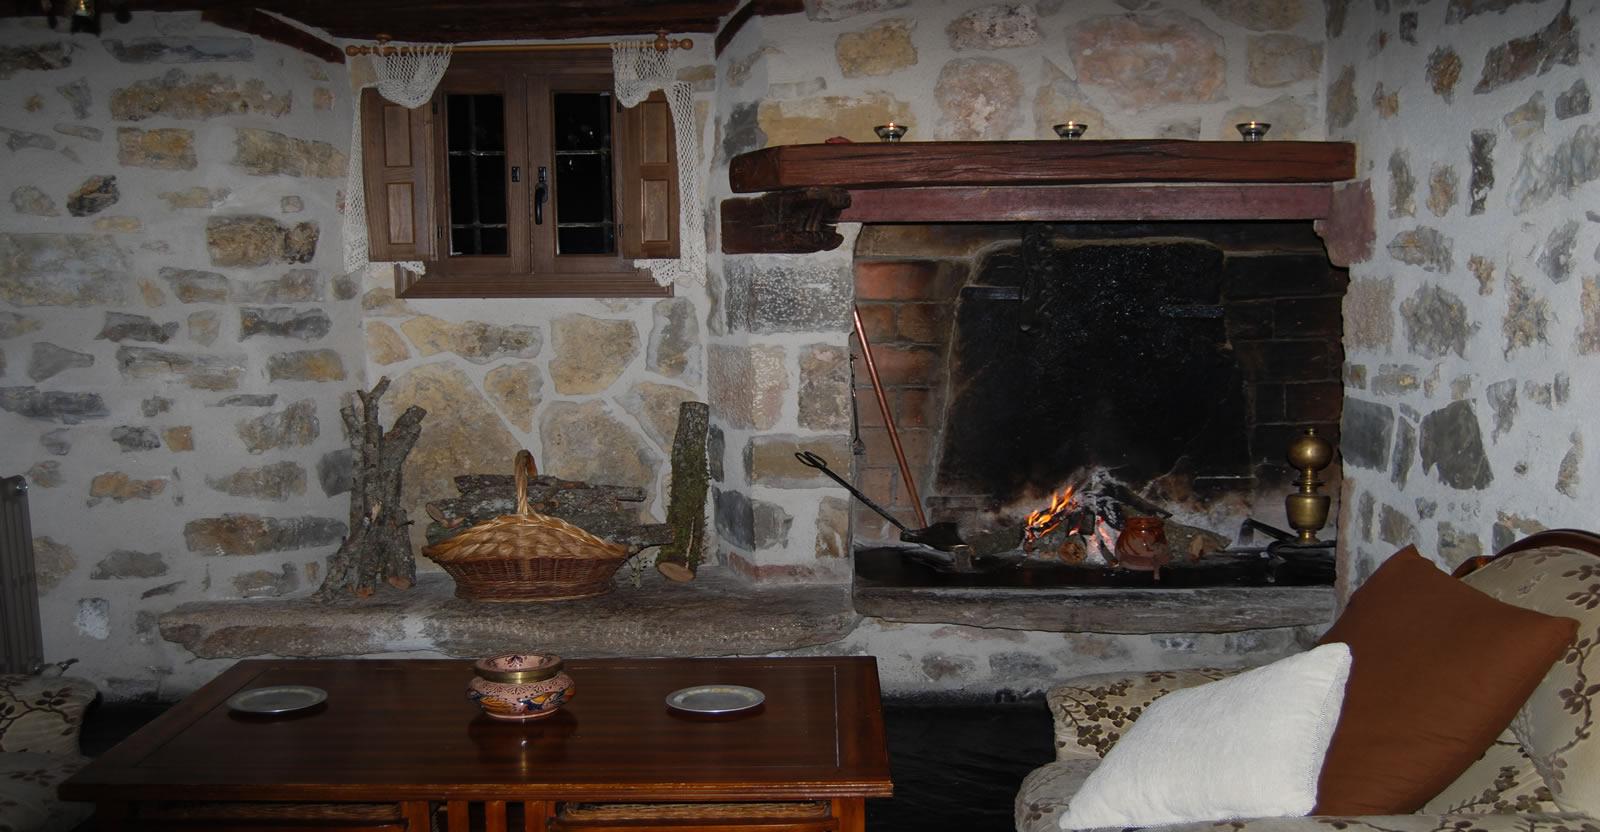 Acogedora chimenea para sentir el crepitar del fuego